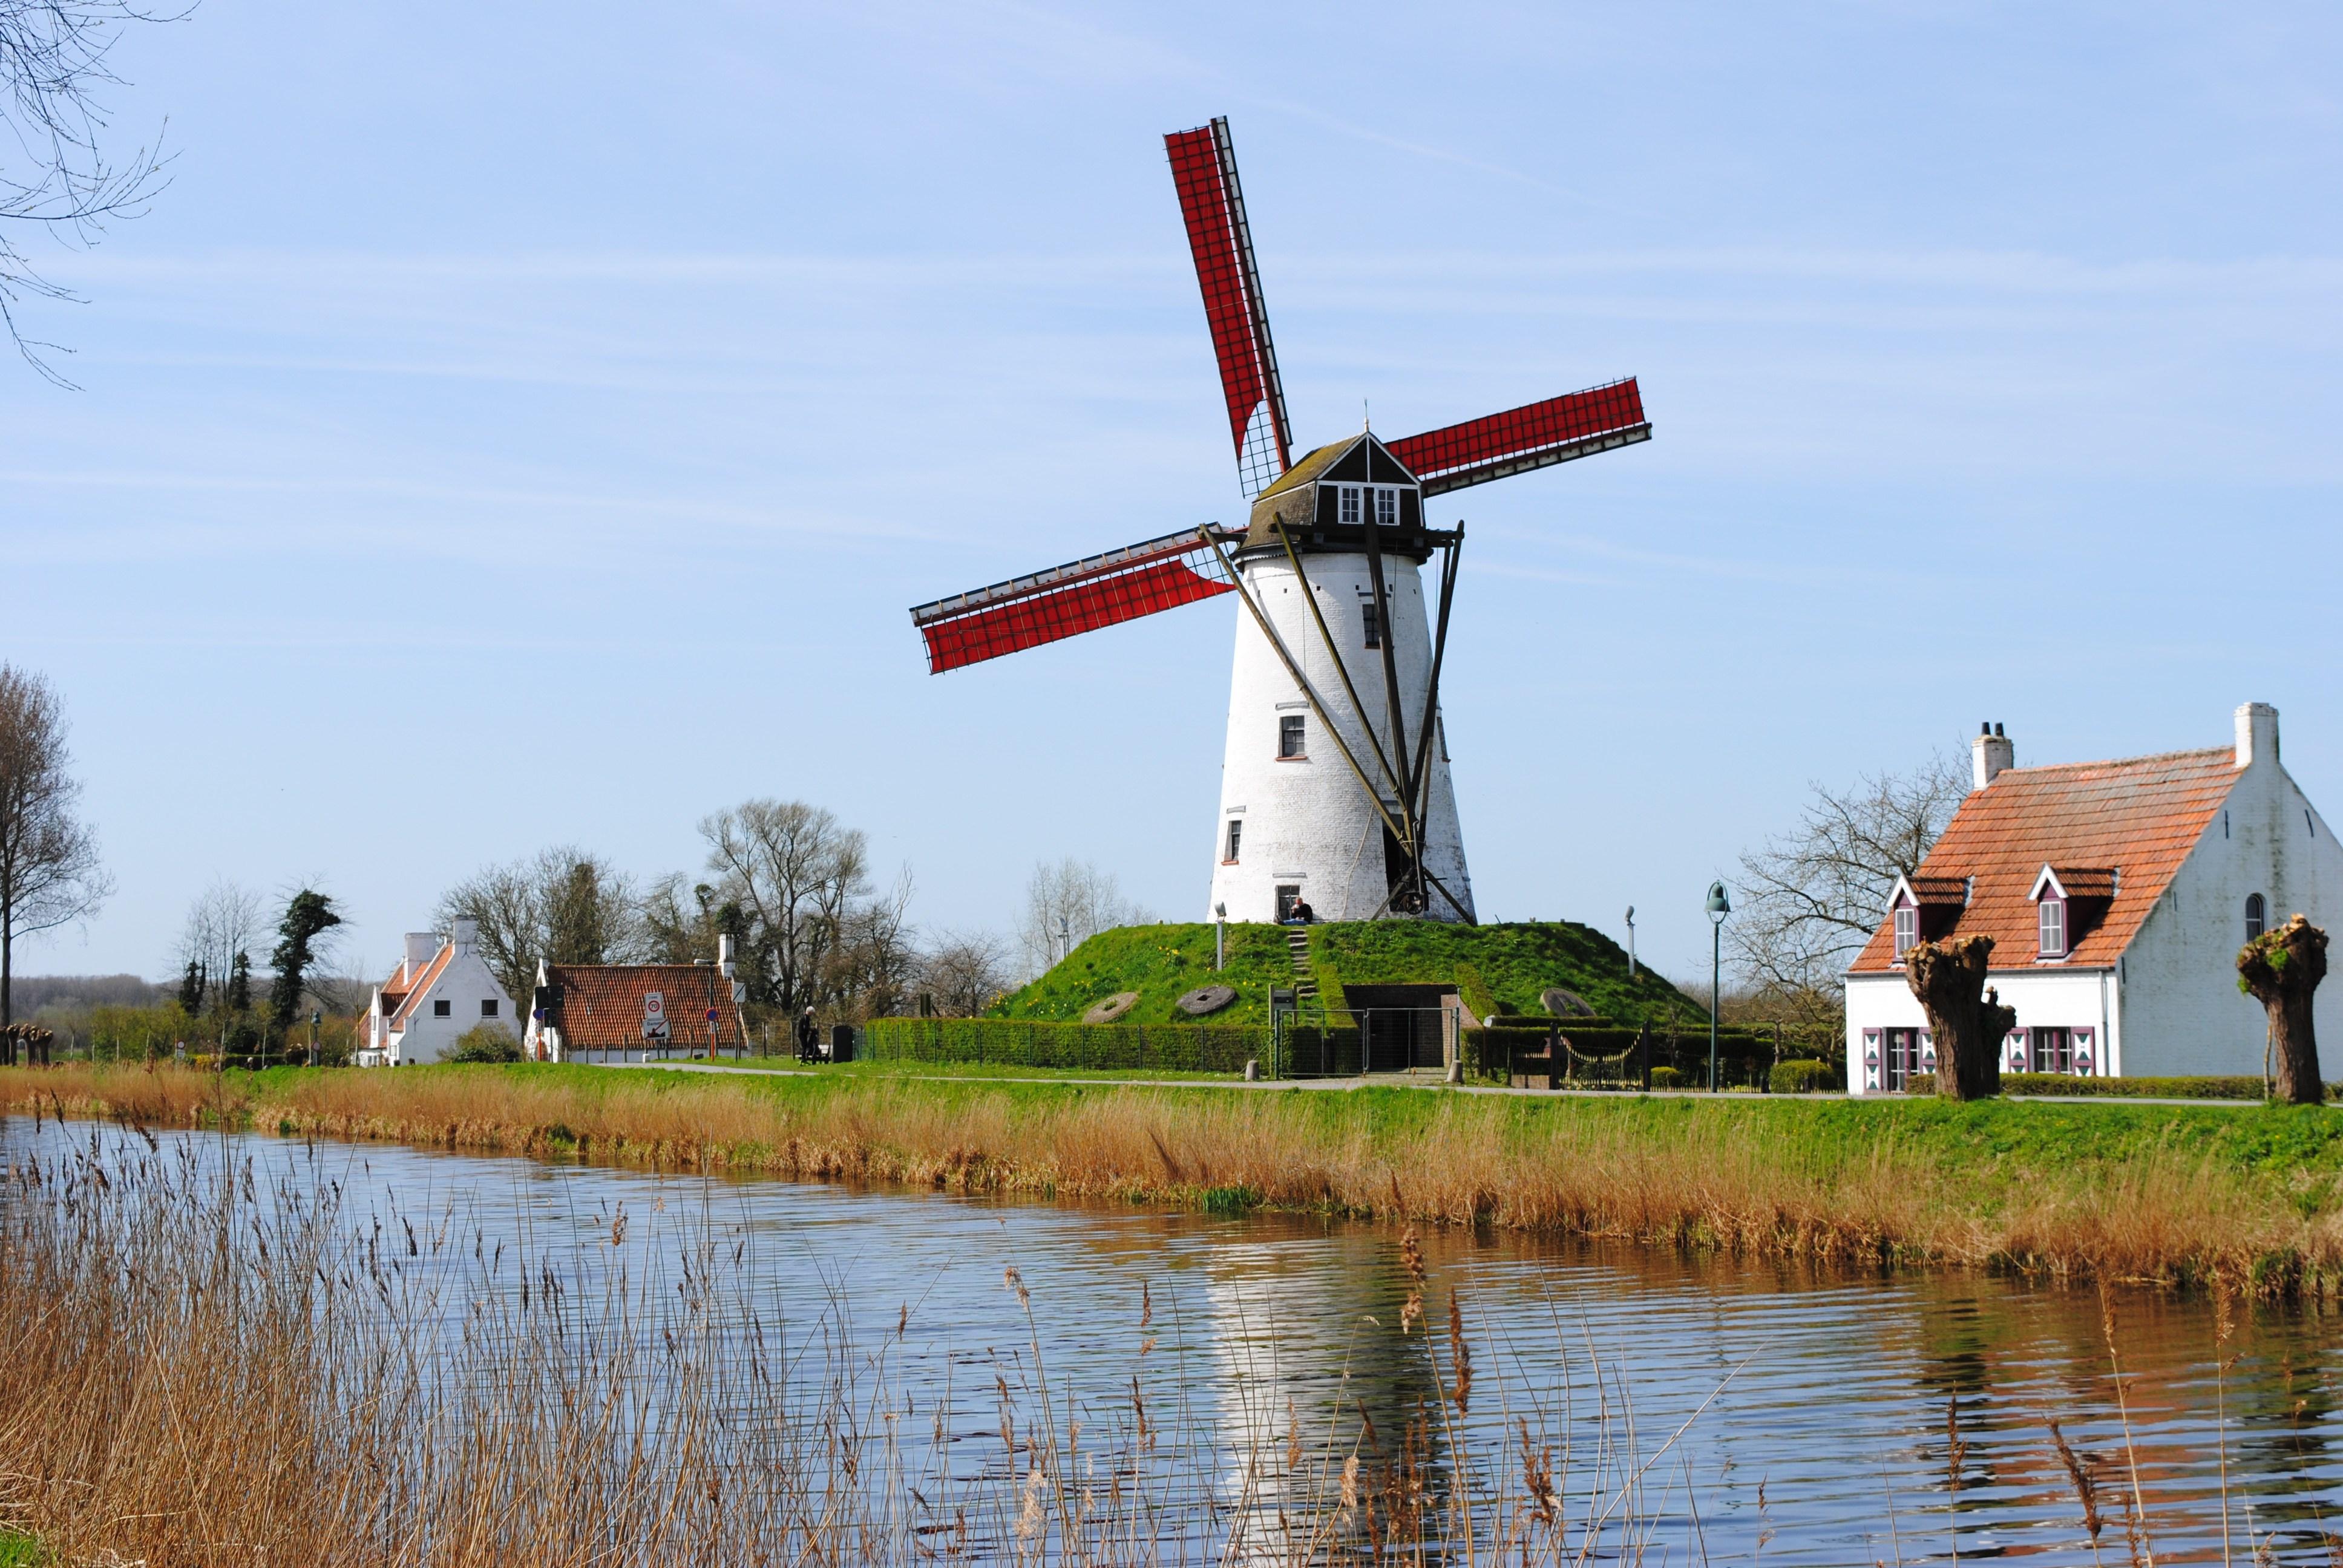 De Schellemolen langs de Damse Vaart in Damme is één van de meest gefotografeerde molens ter wereld. Op dezelfde plaats stond vroeger een houten molen, de Scellemeulen. Vandaag is de molen, gebouwd in 1867, eigendom van de Provincie West-Vlaanderen en beschermd als monument. De molen is open voor het publiek en ligt langs een mooie fietsroute tussen Brugge en de Belgische Oostkust. Zin om deze mooie regio te verkennen? Op www.bbe-emma.be  vind je een uitgewerkt fietsarrangement!